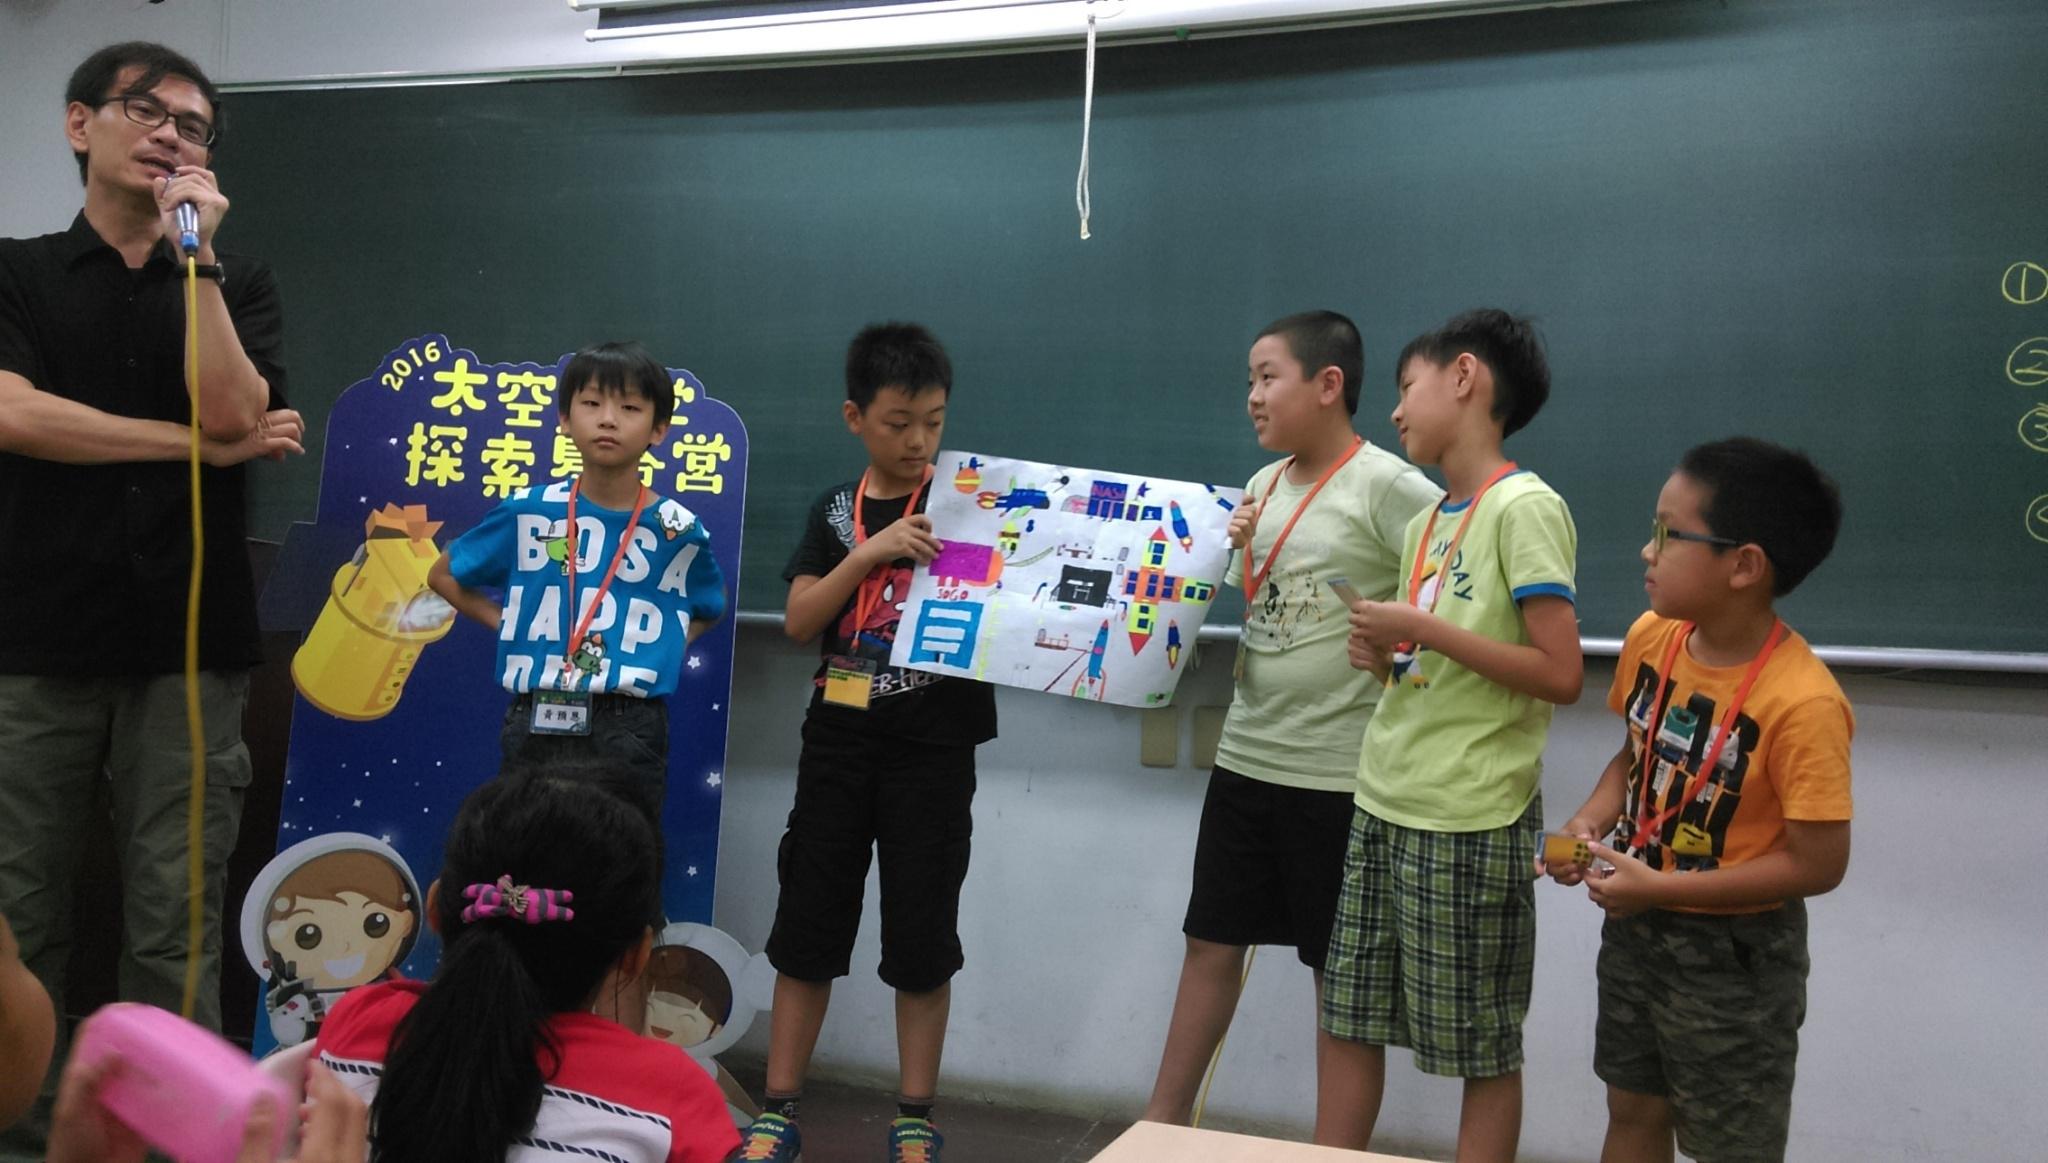 臺北第二梯 活動照片B_4105